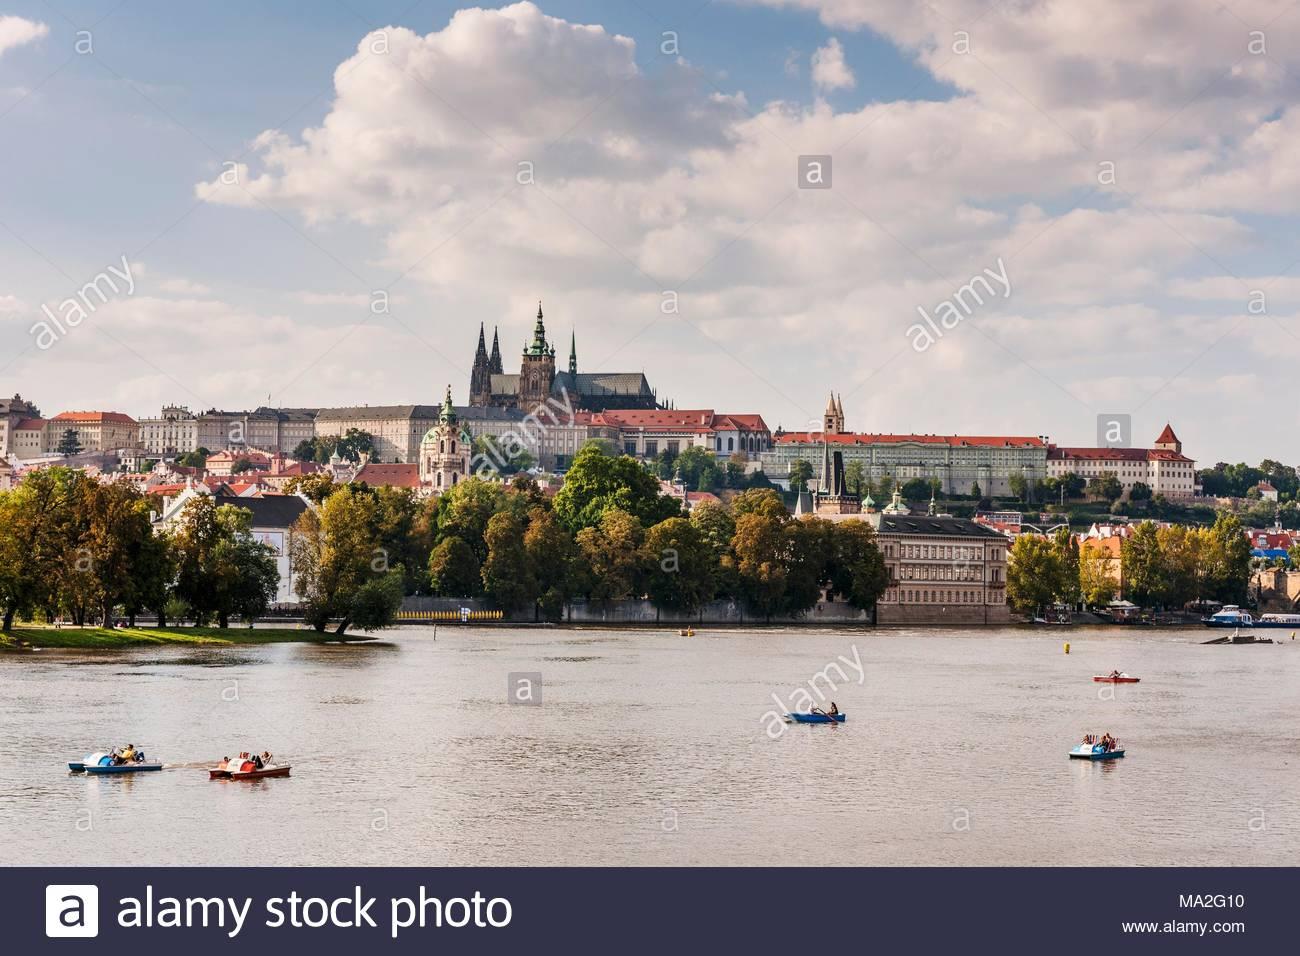 The Slavic island behind Moldau, Prague - Stock Image